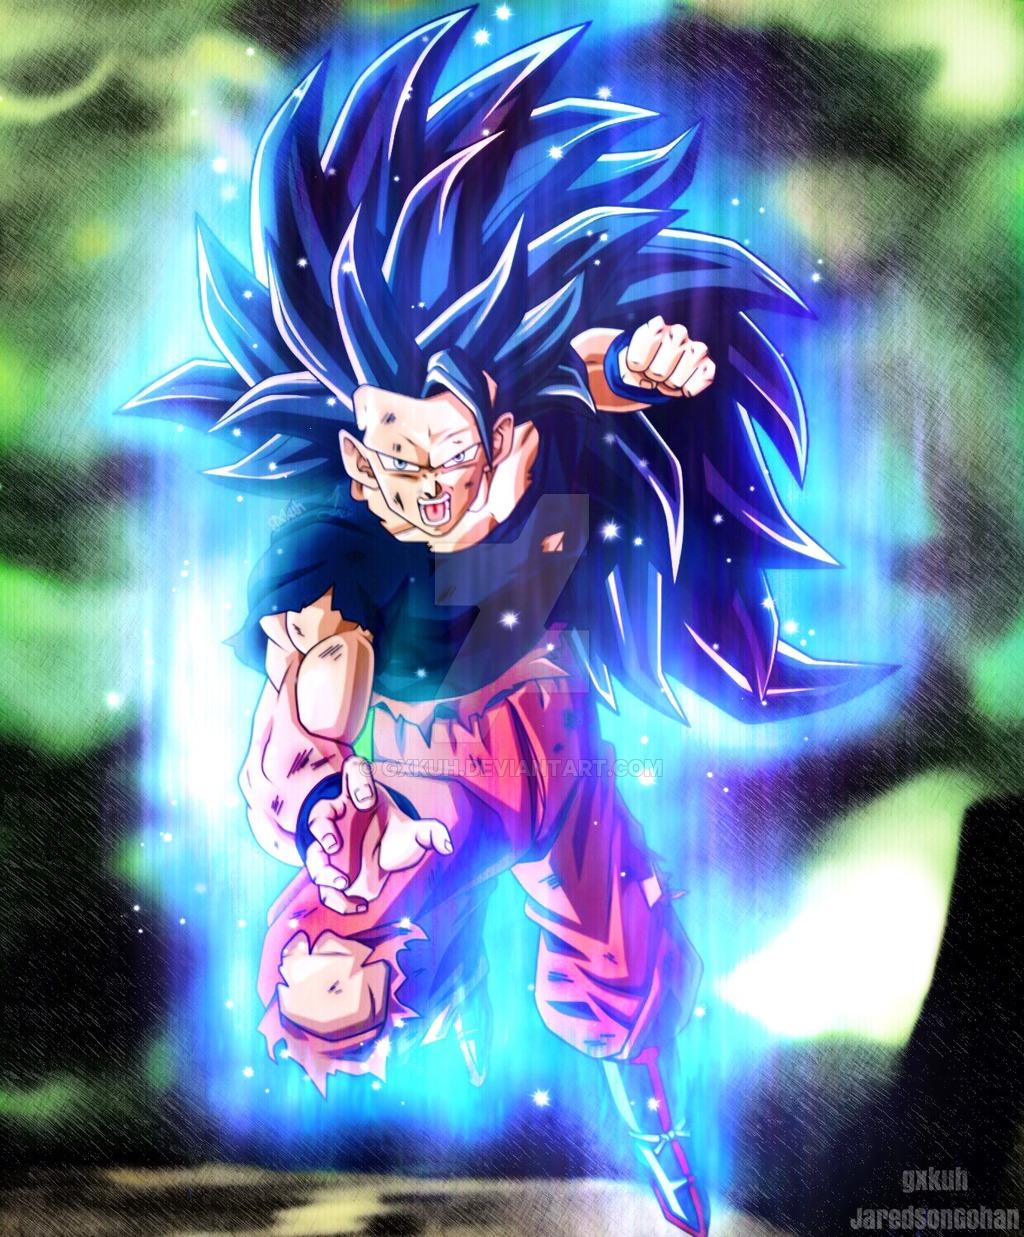 Ssj3 Goku Ultra Instinct by gxkuh 1024x1237